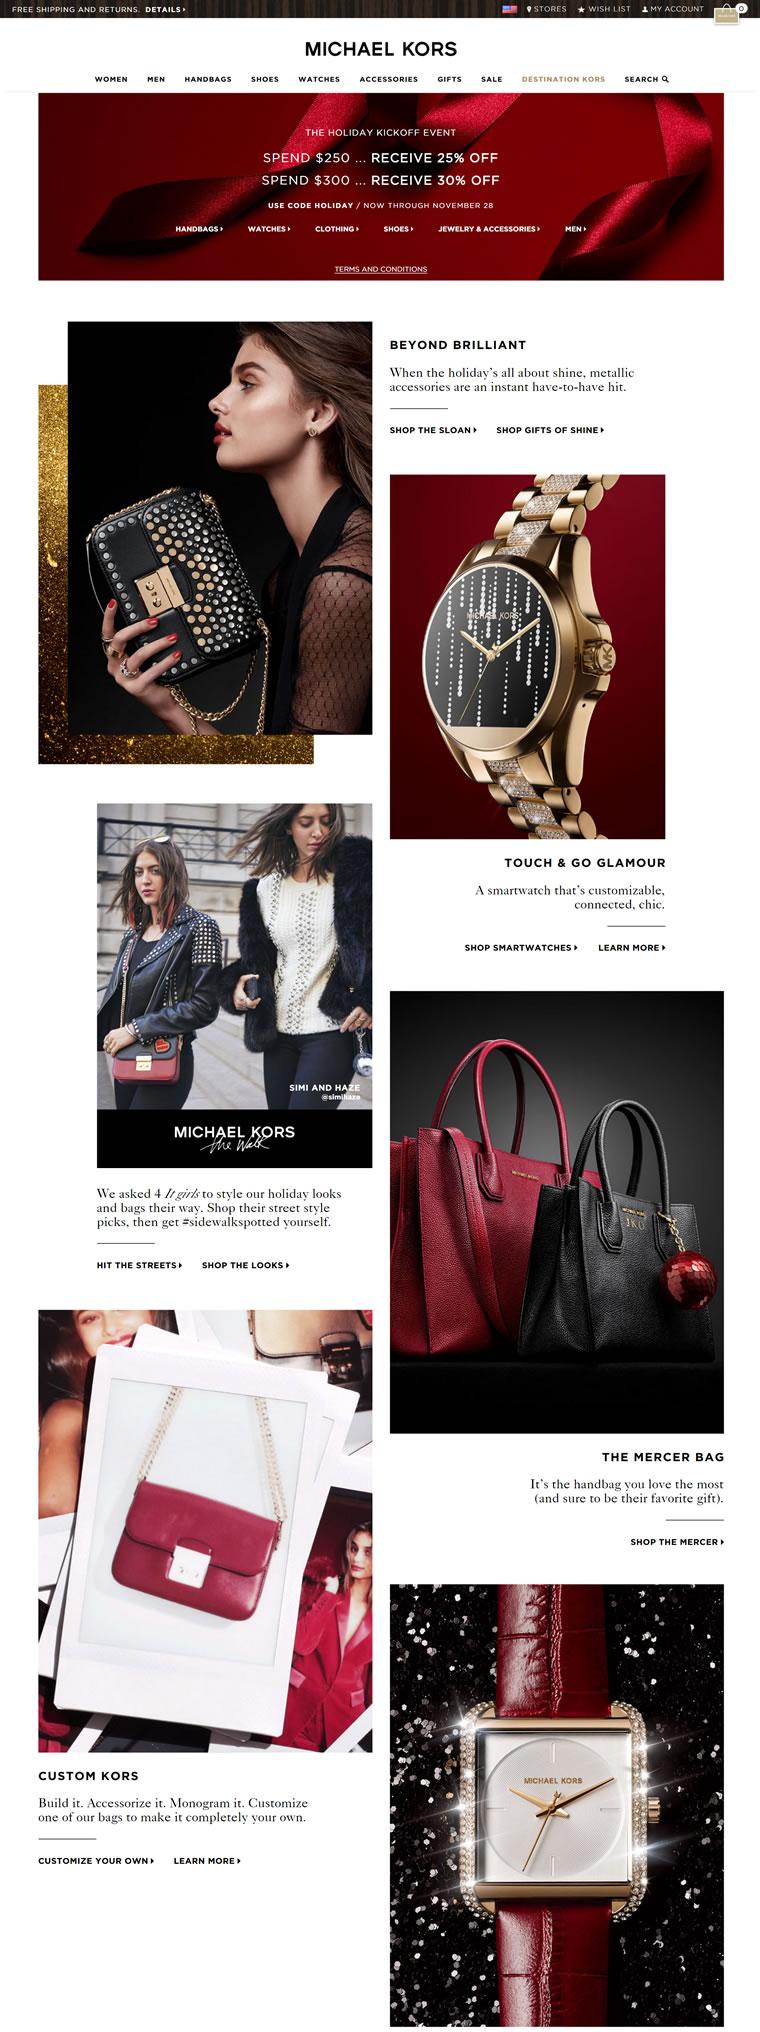 Michael Kors美国官网:美式奢侈生活风格的代表